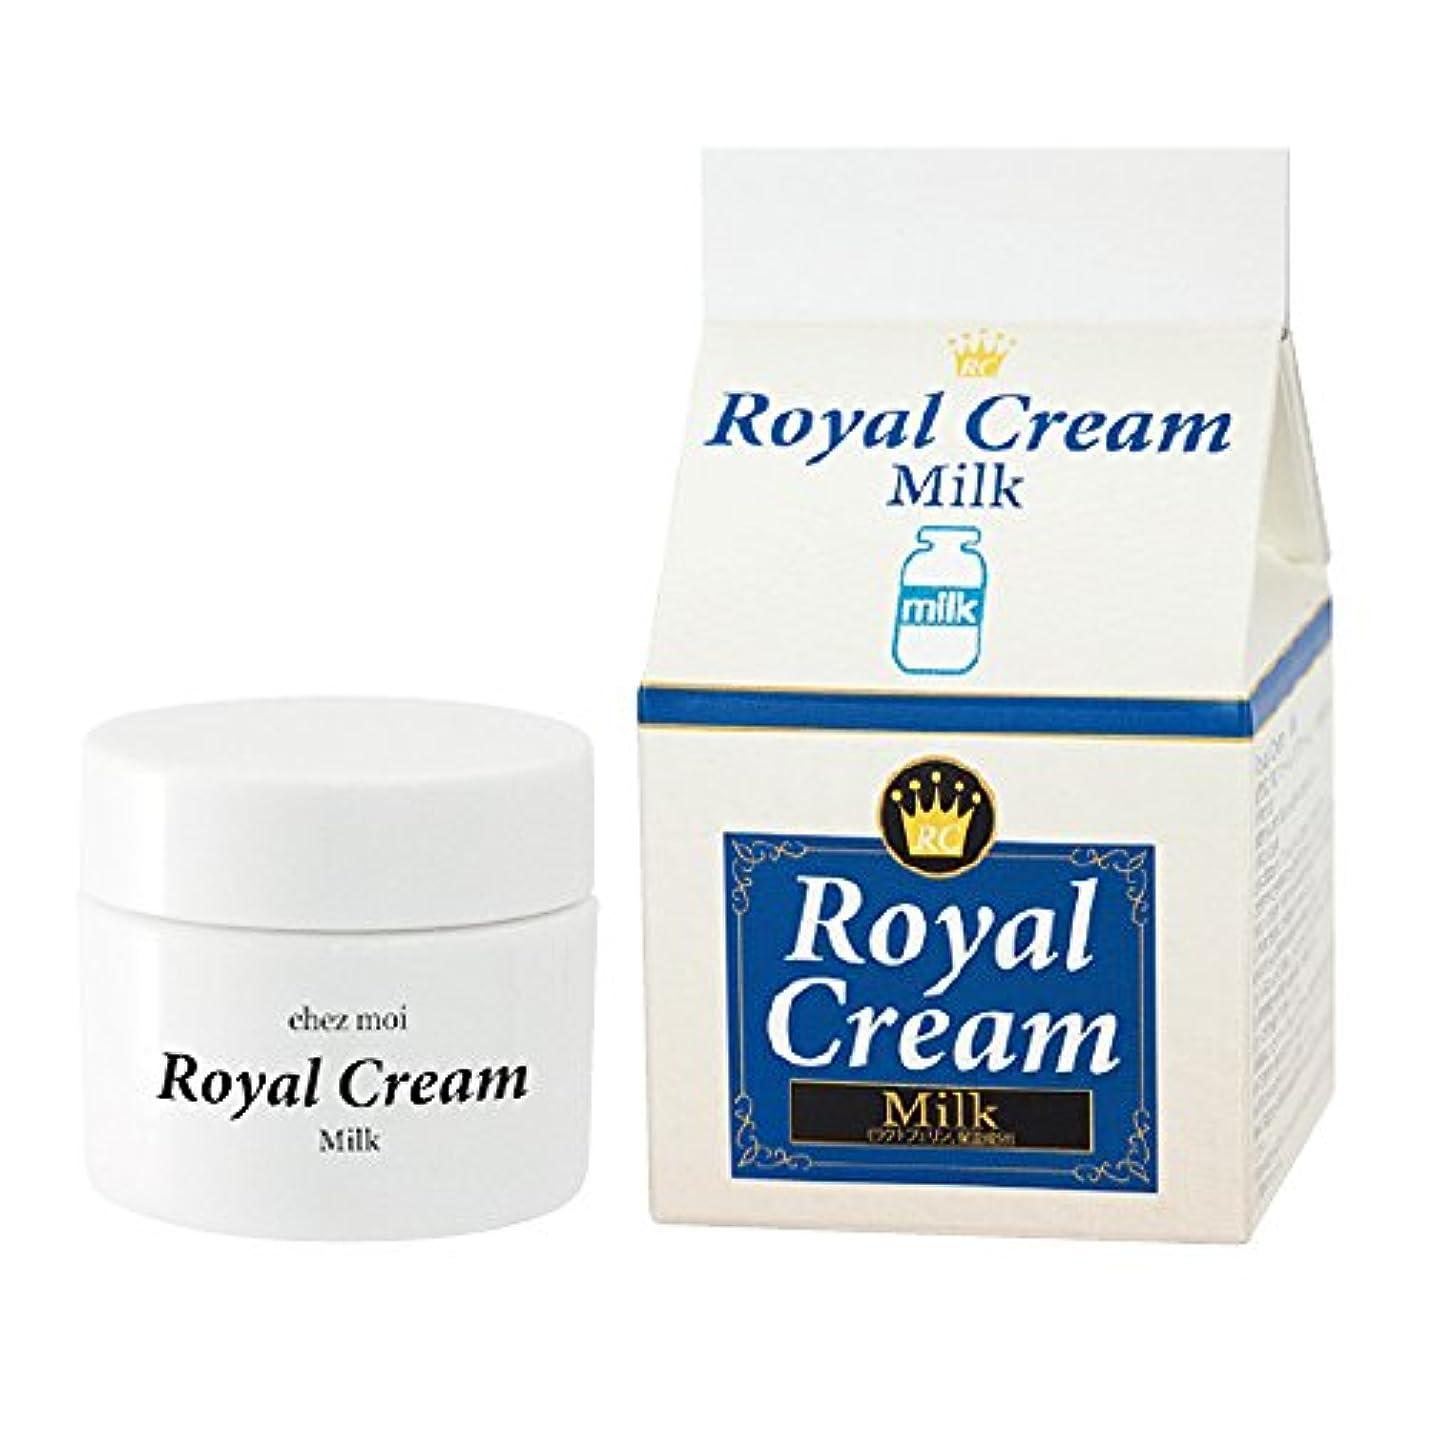 と闘う洞察力とにかくRoyal Cream(ロイヤルクリーム) Milk(ミルク) 30g